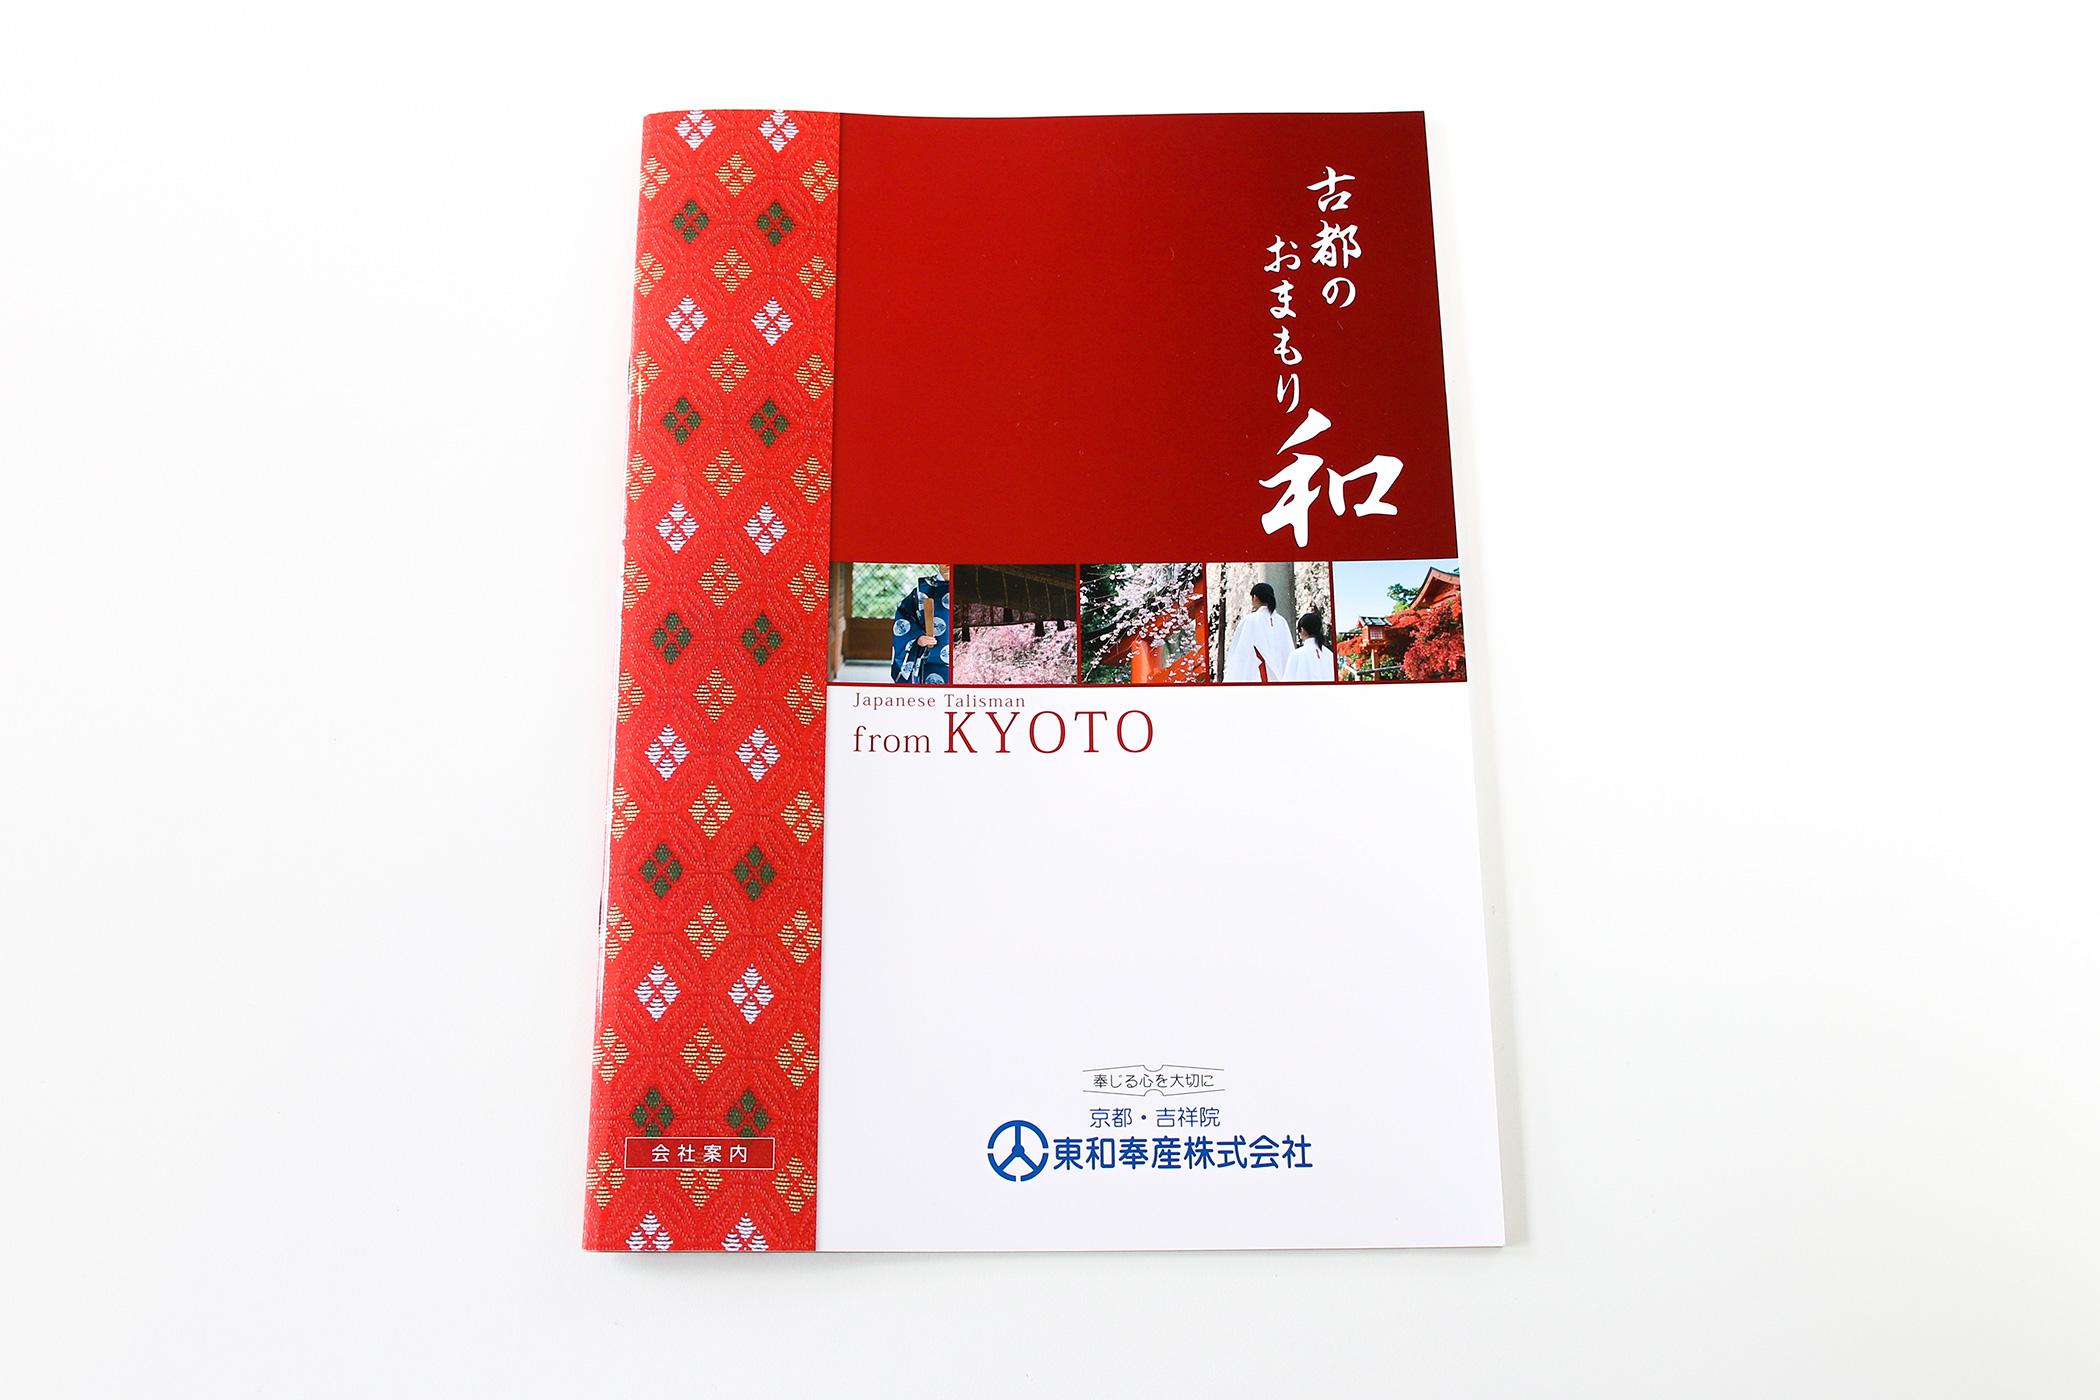 東和奉産株式会社-会社案内-表紙